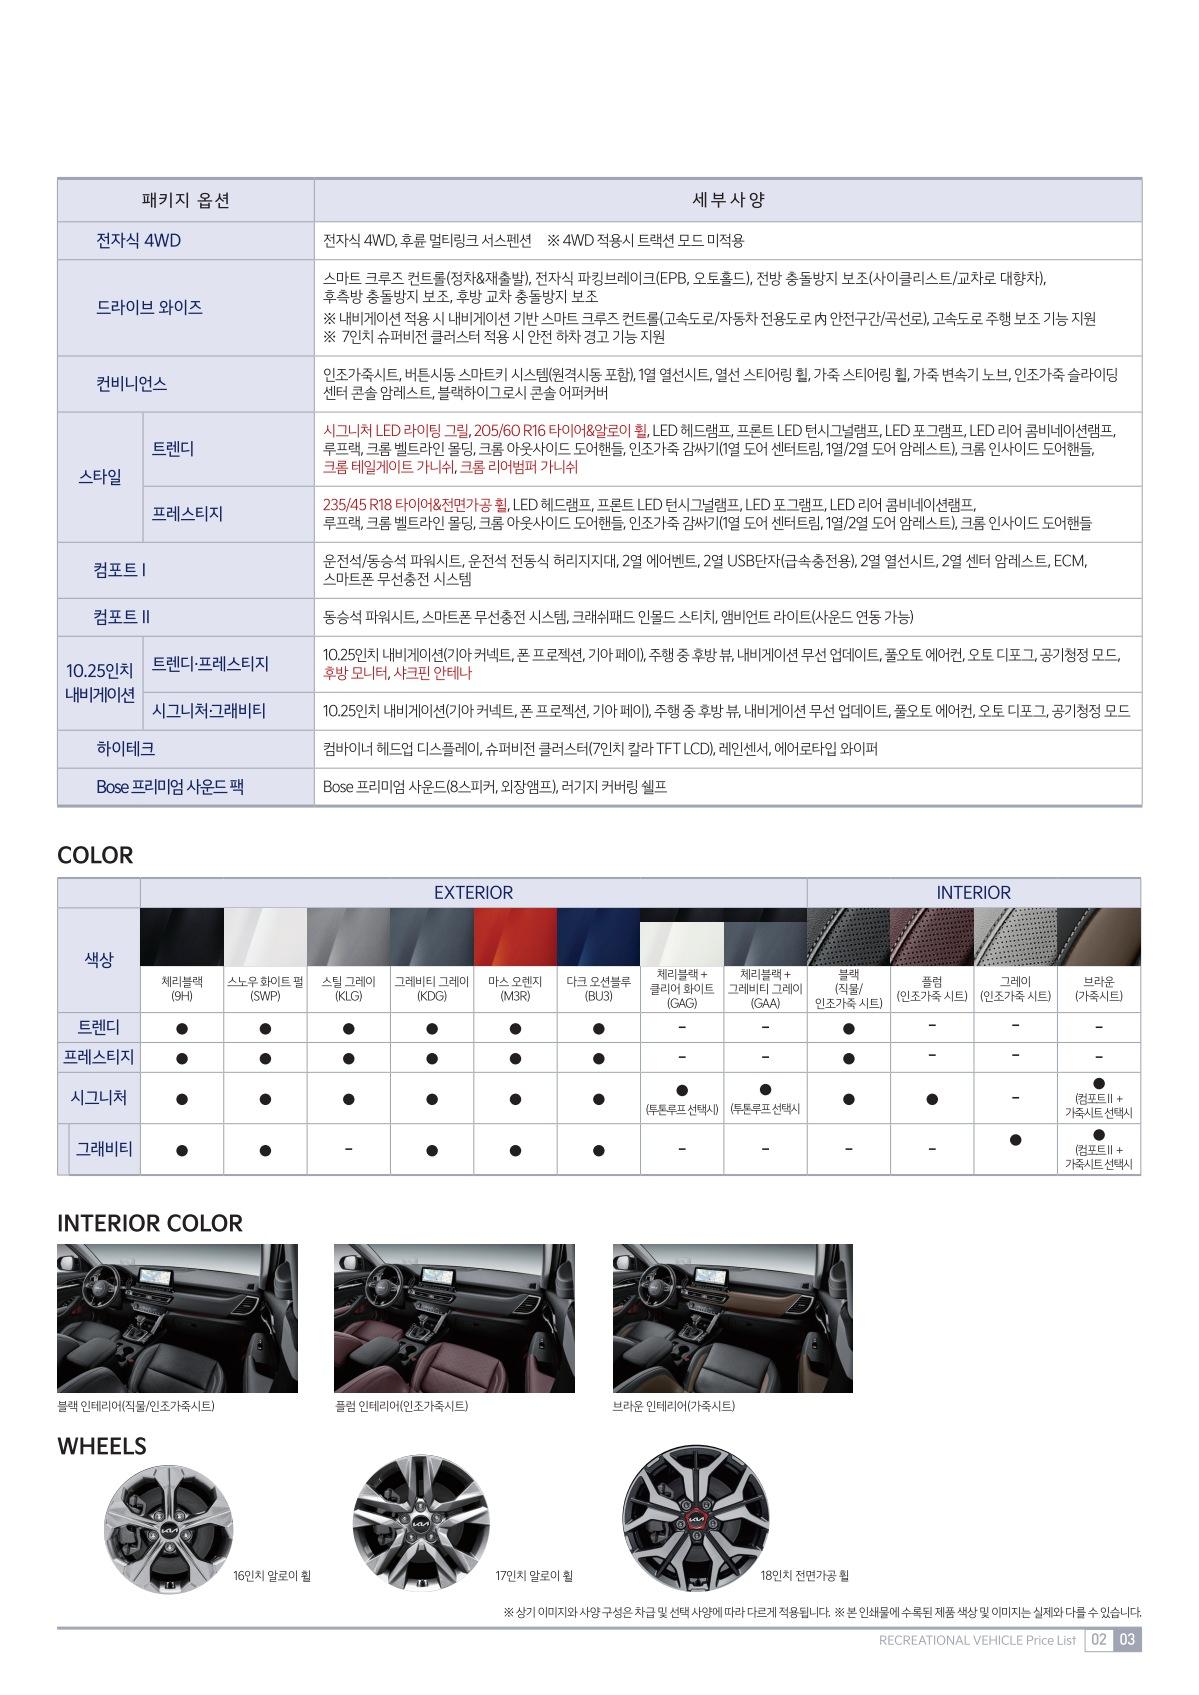 price_seltos_02.jpg